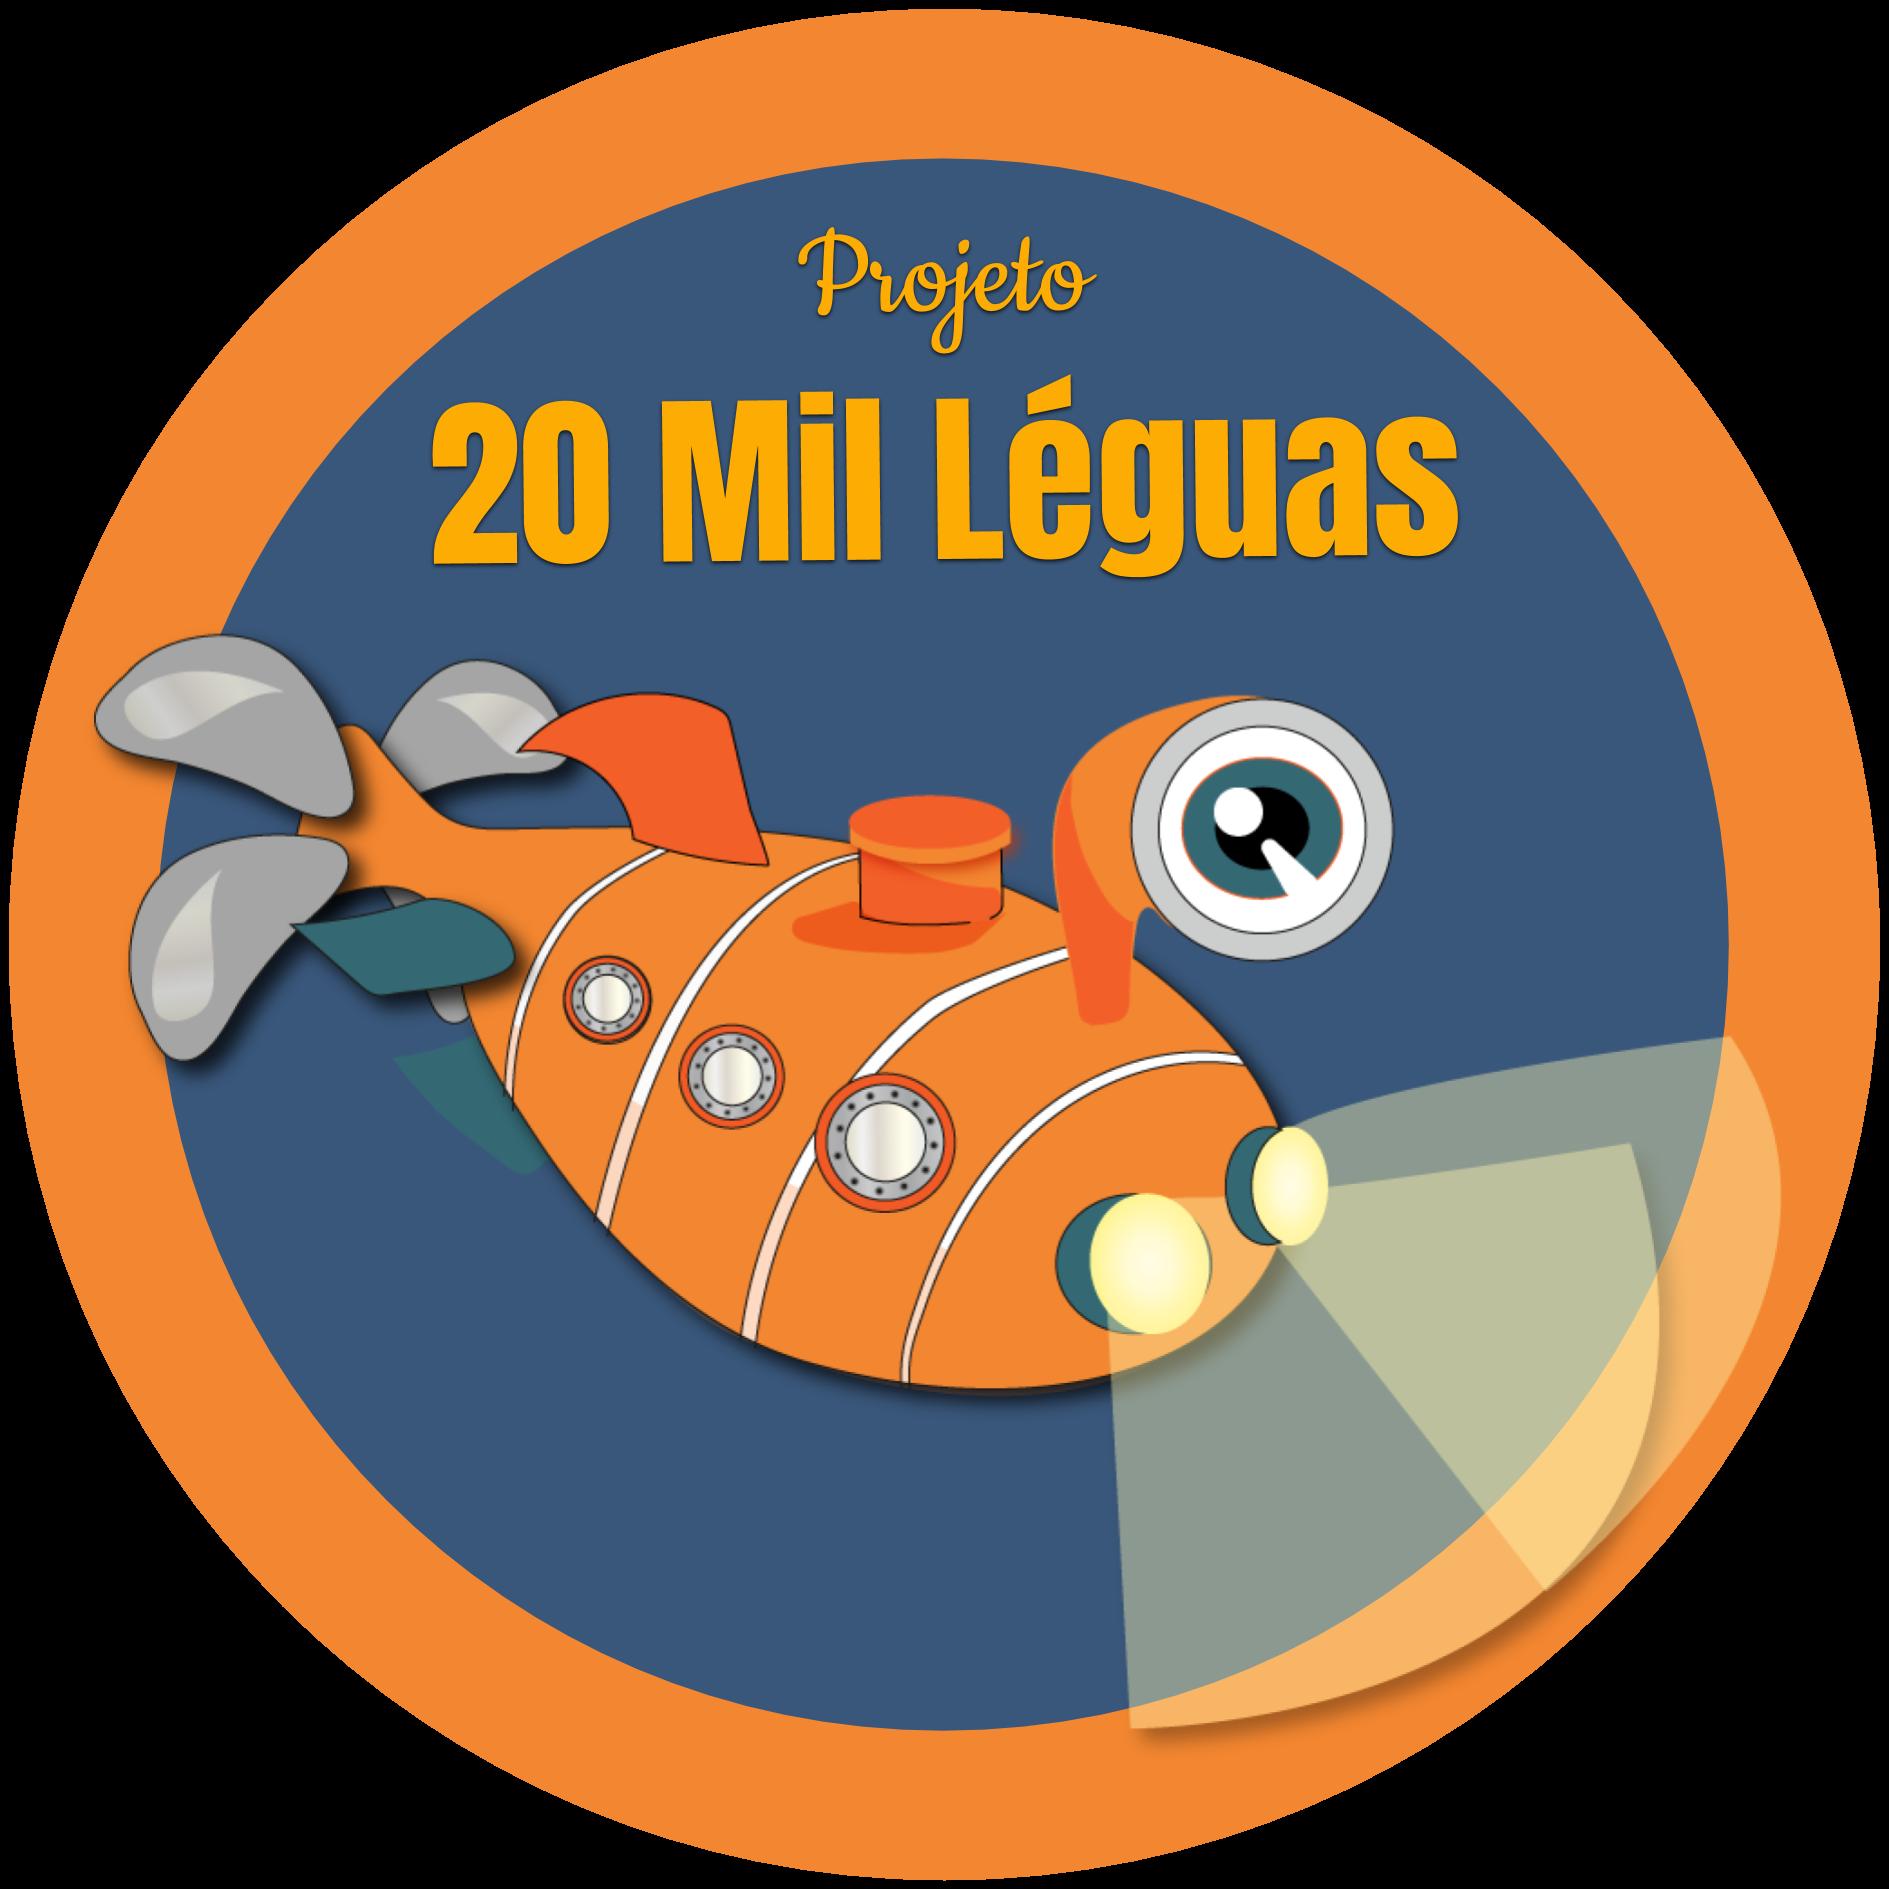 20 Mil Léguas (20 Thousand Leagues)